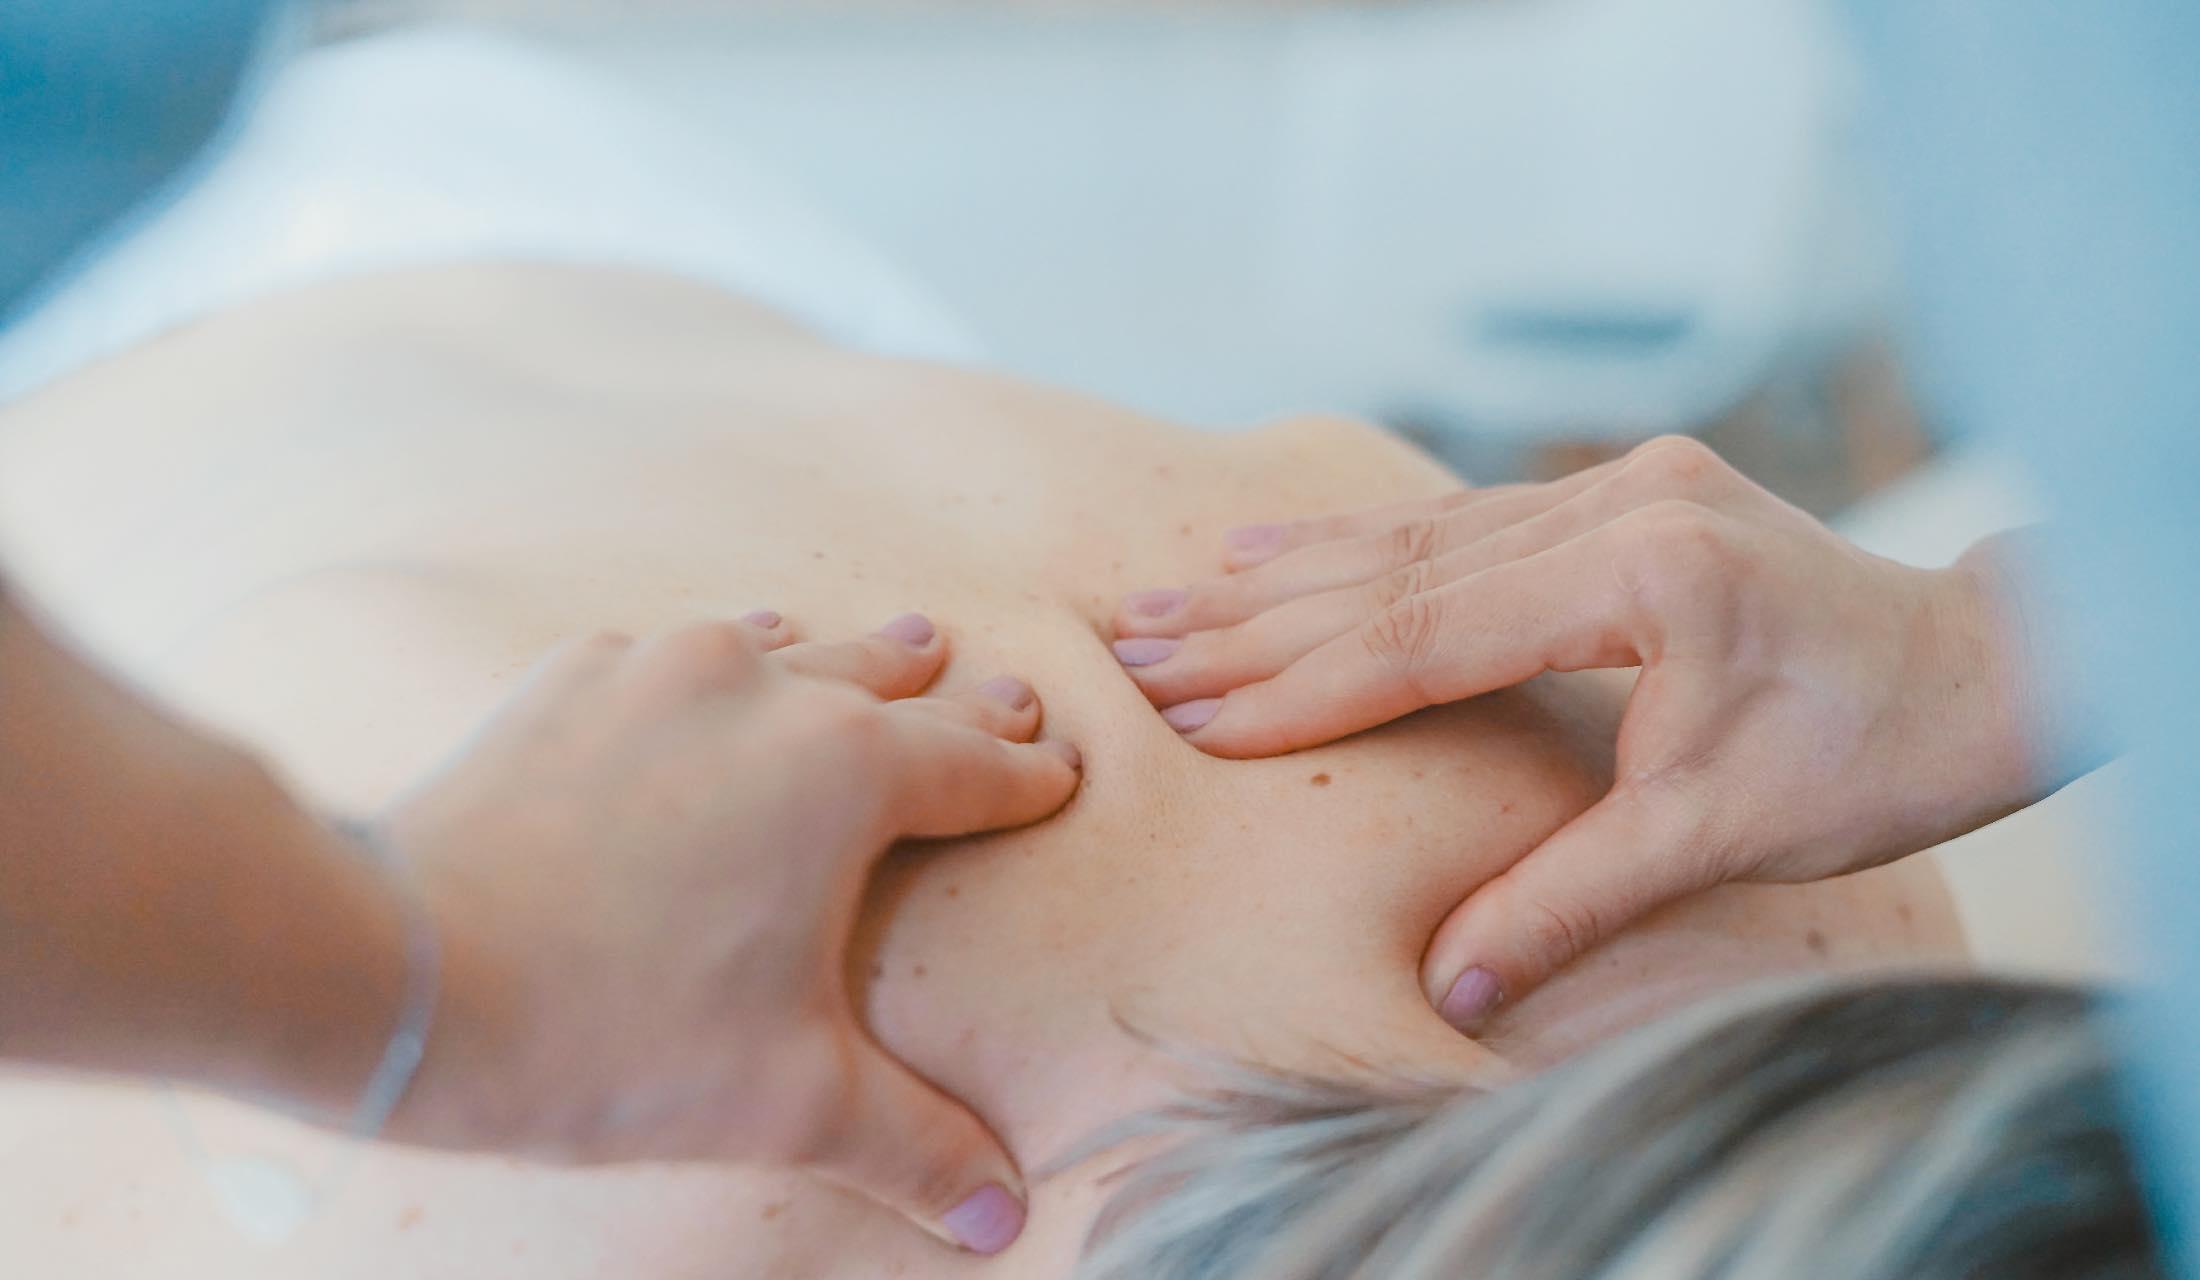 枕やツボマッサージで肩・首の痛みから解放される方法